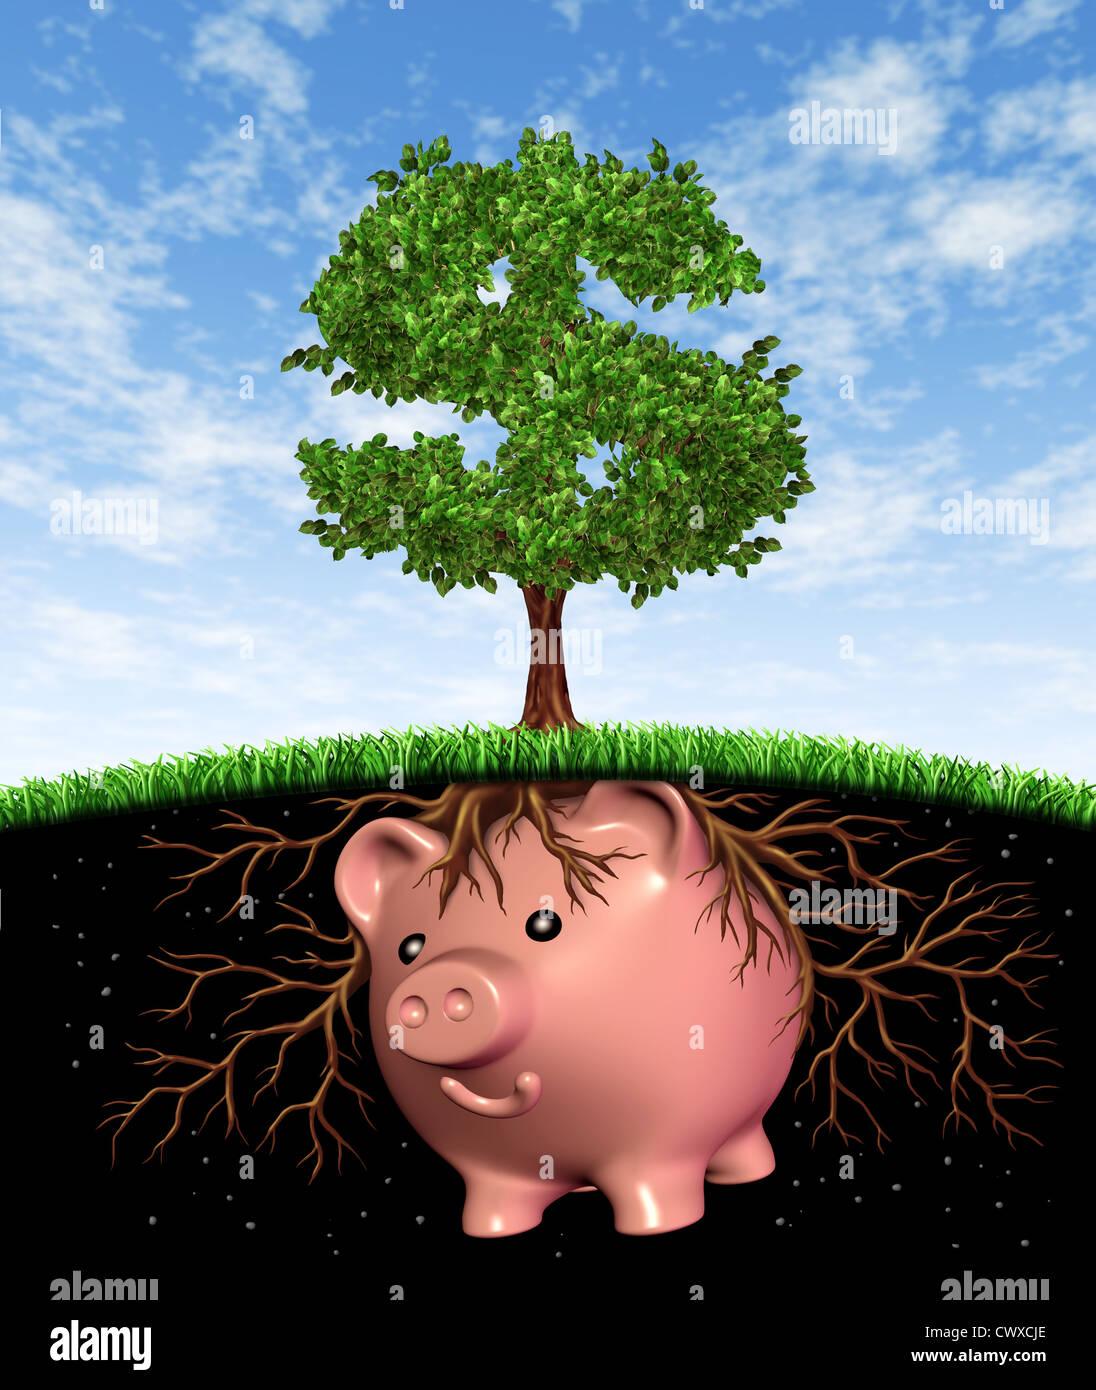 Dinero semilla en cuanto a la financiación de la inversión y el crecimiento financiero símbolo con un árbol en la Foto de stock